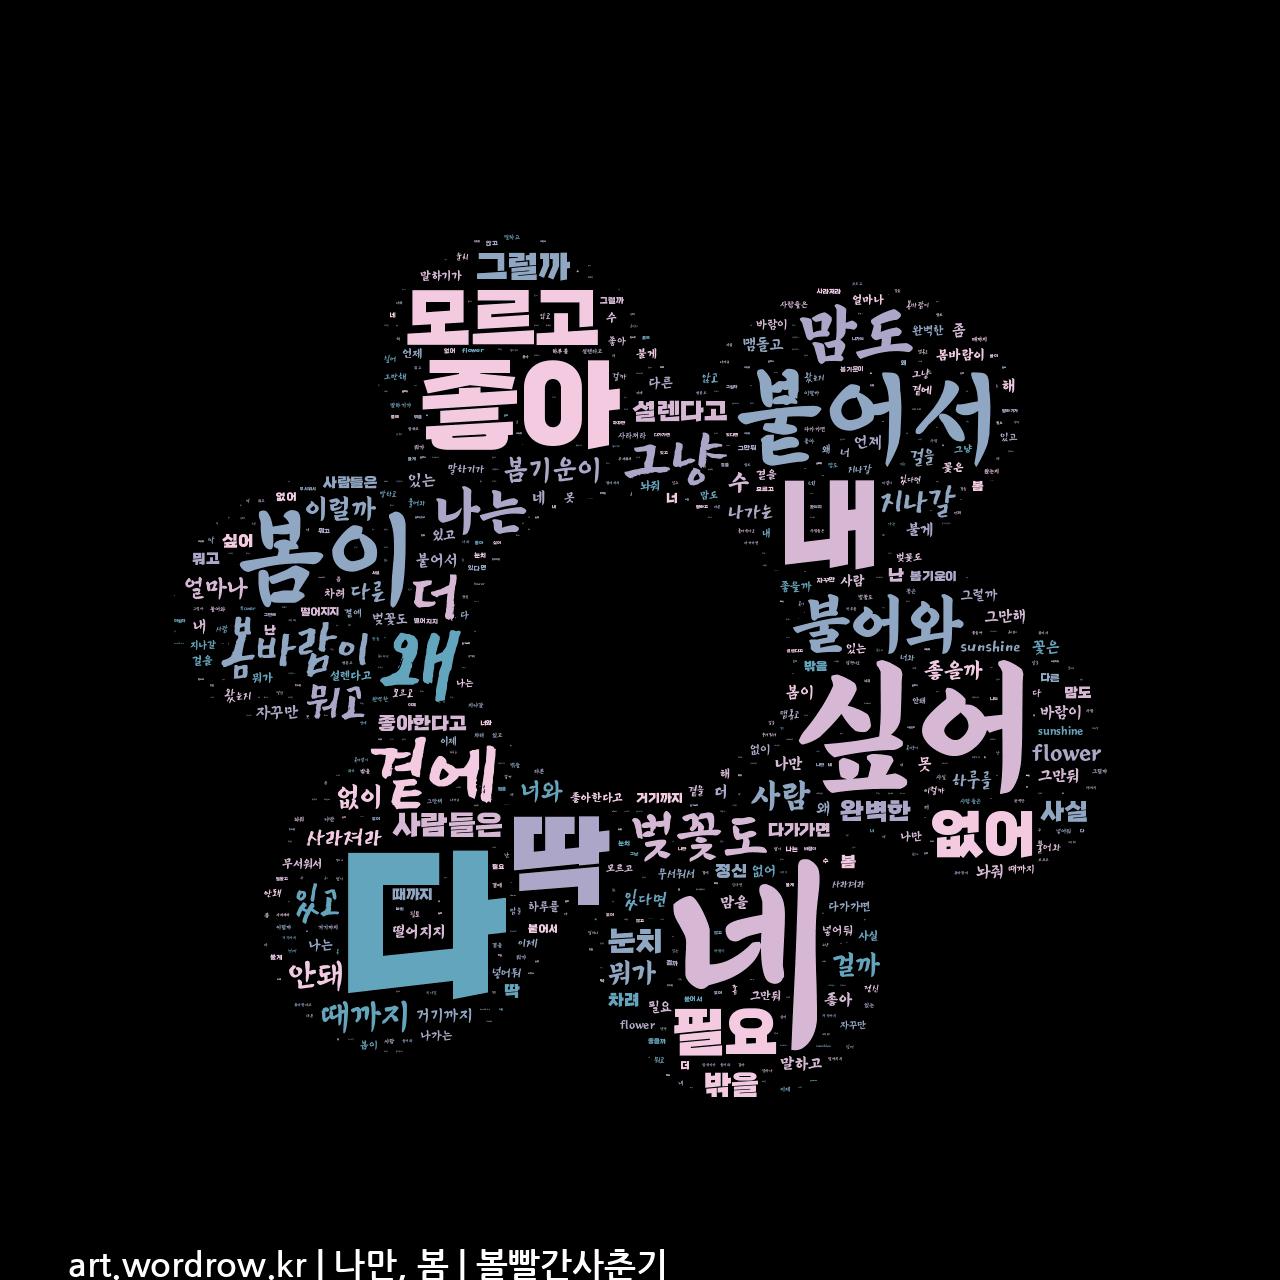 워드 아트: 나만, 봄 [볼빨간사춘기]-75